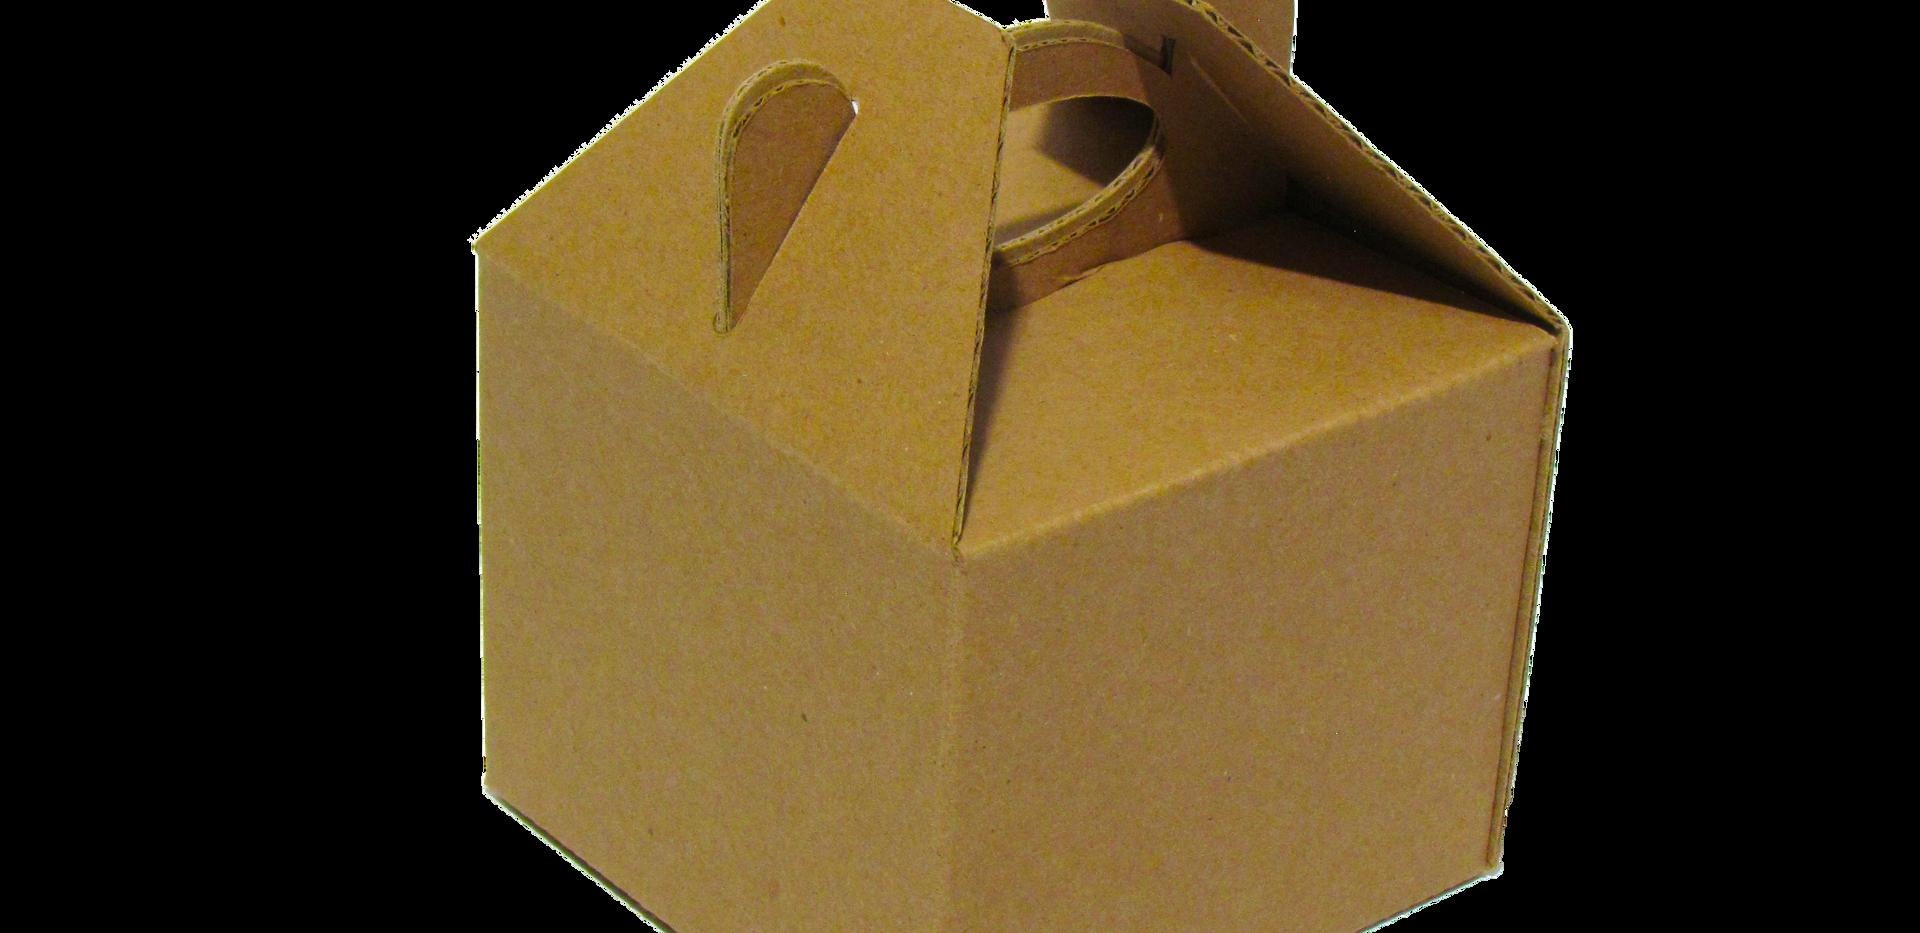 Lonchera chica ideal para bocadillos   Medidas internas: Largo: 12.0 cm. Ancho: 12.0 cm. Altura: 9.8 cm.  Material: -Microcorrugado  Linner: -Kraft -Blanco  Con o sin impresión